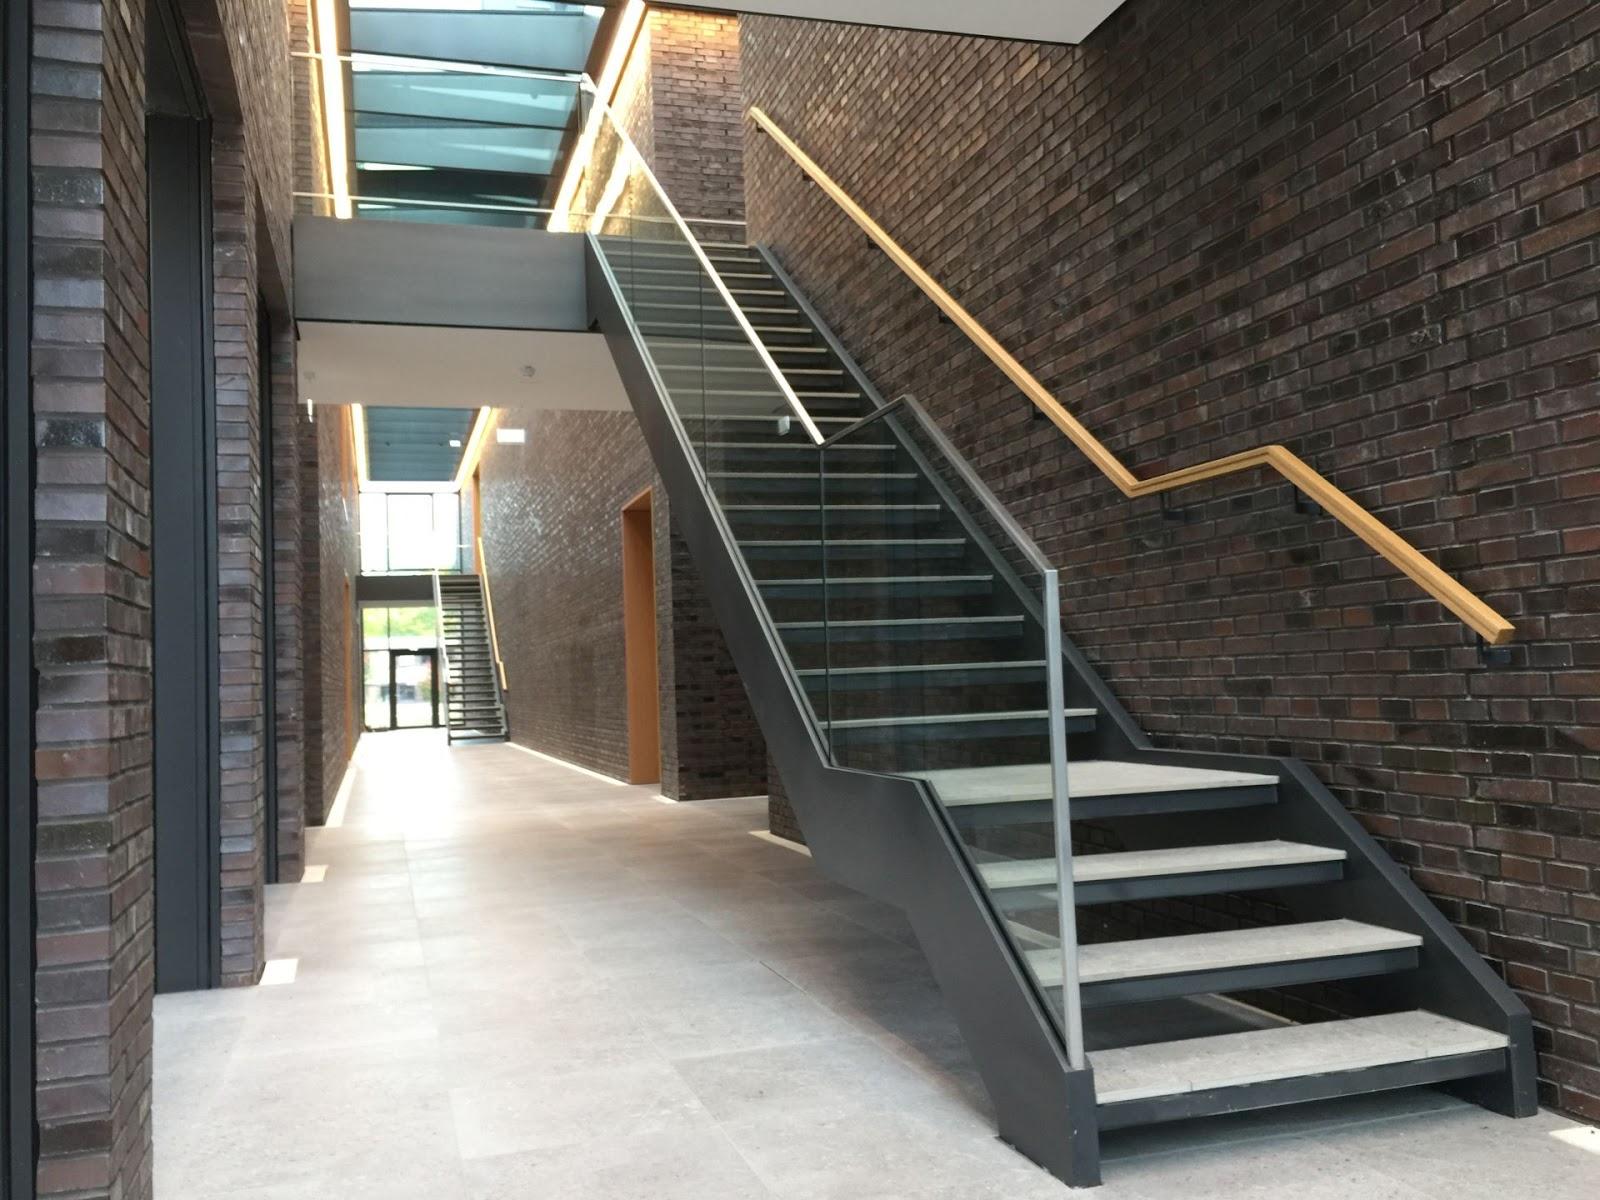 treppe mit ganzglasgel nder fr bel metallbau. Black Bedroom Furniture Sets. Home Design Ideas